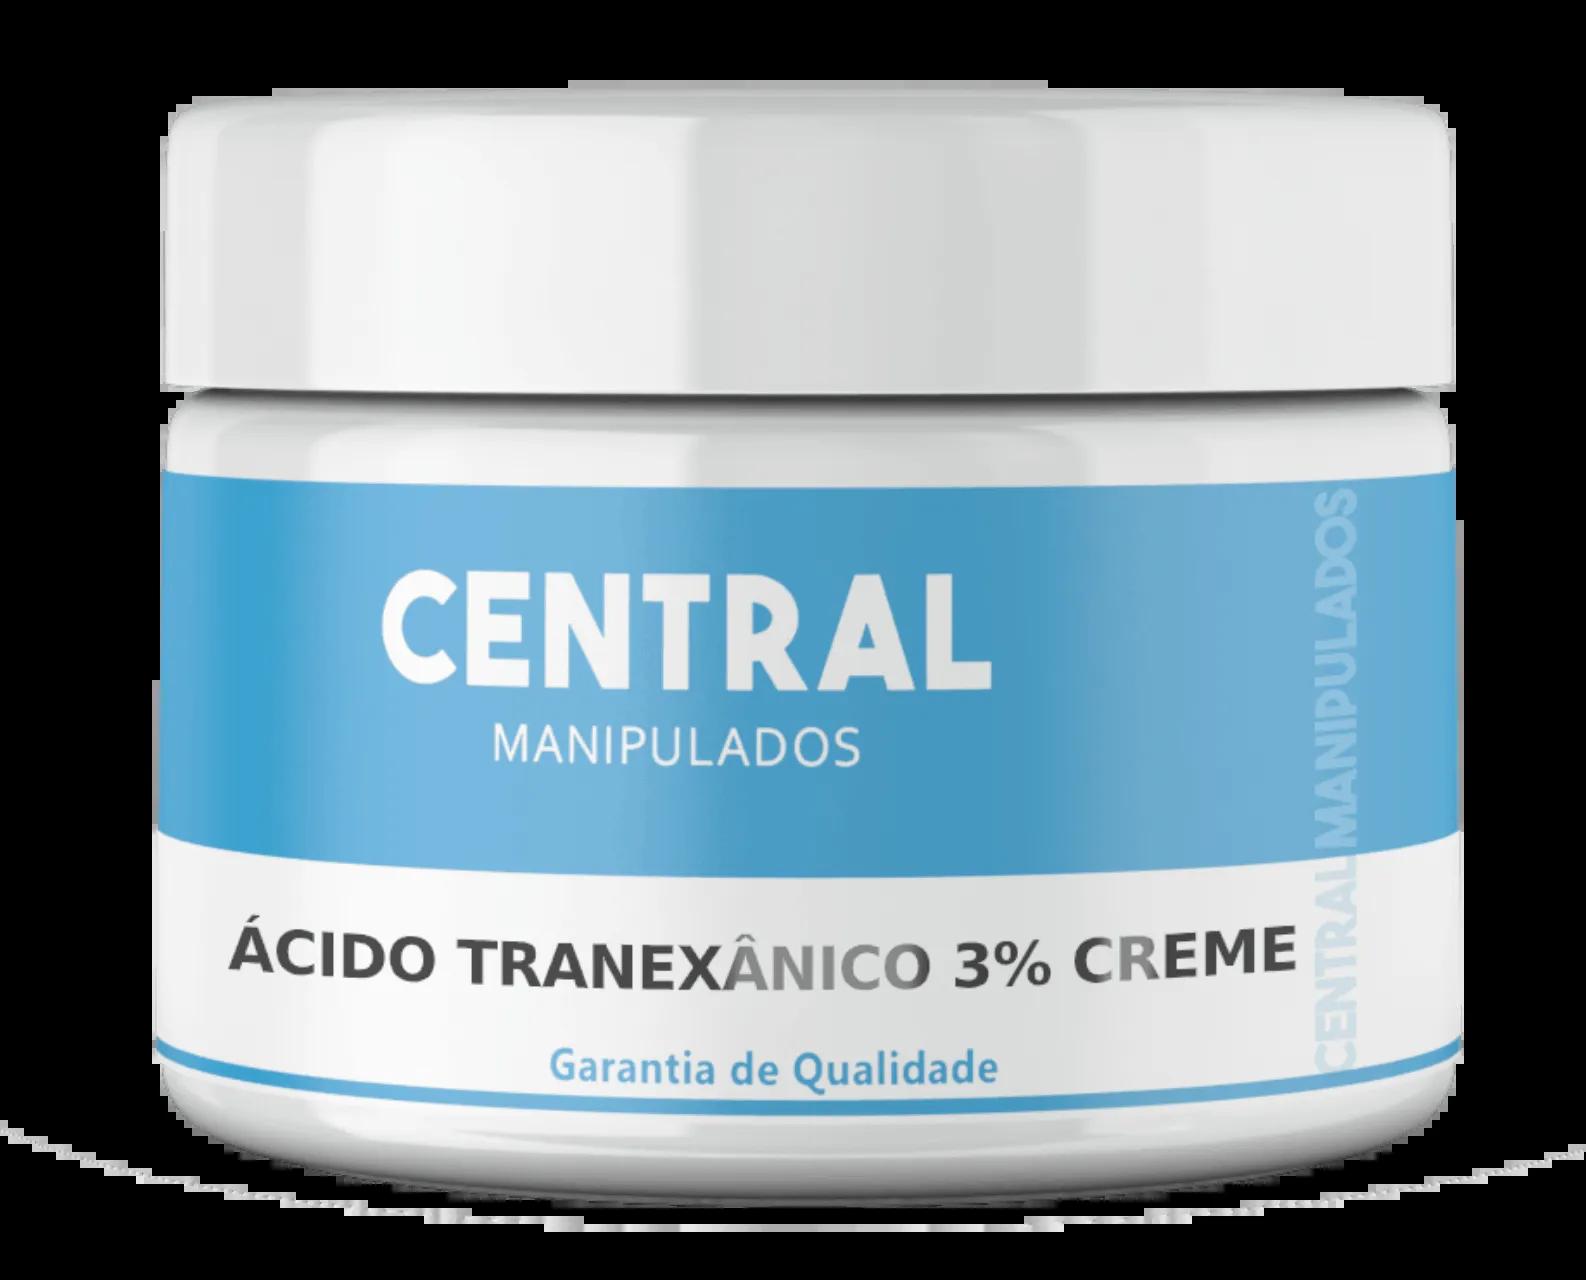 Ácido Tranexânico 3% - 60g Creme - Tratamento de melasmas (manchas na pele)